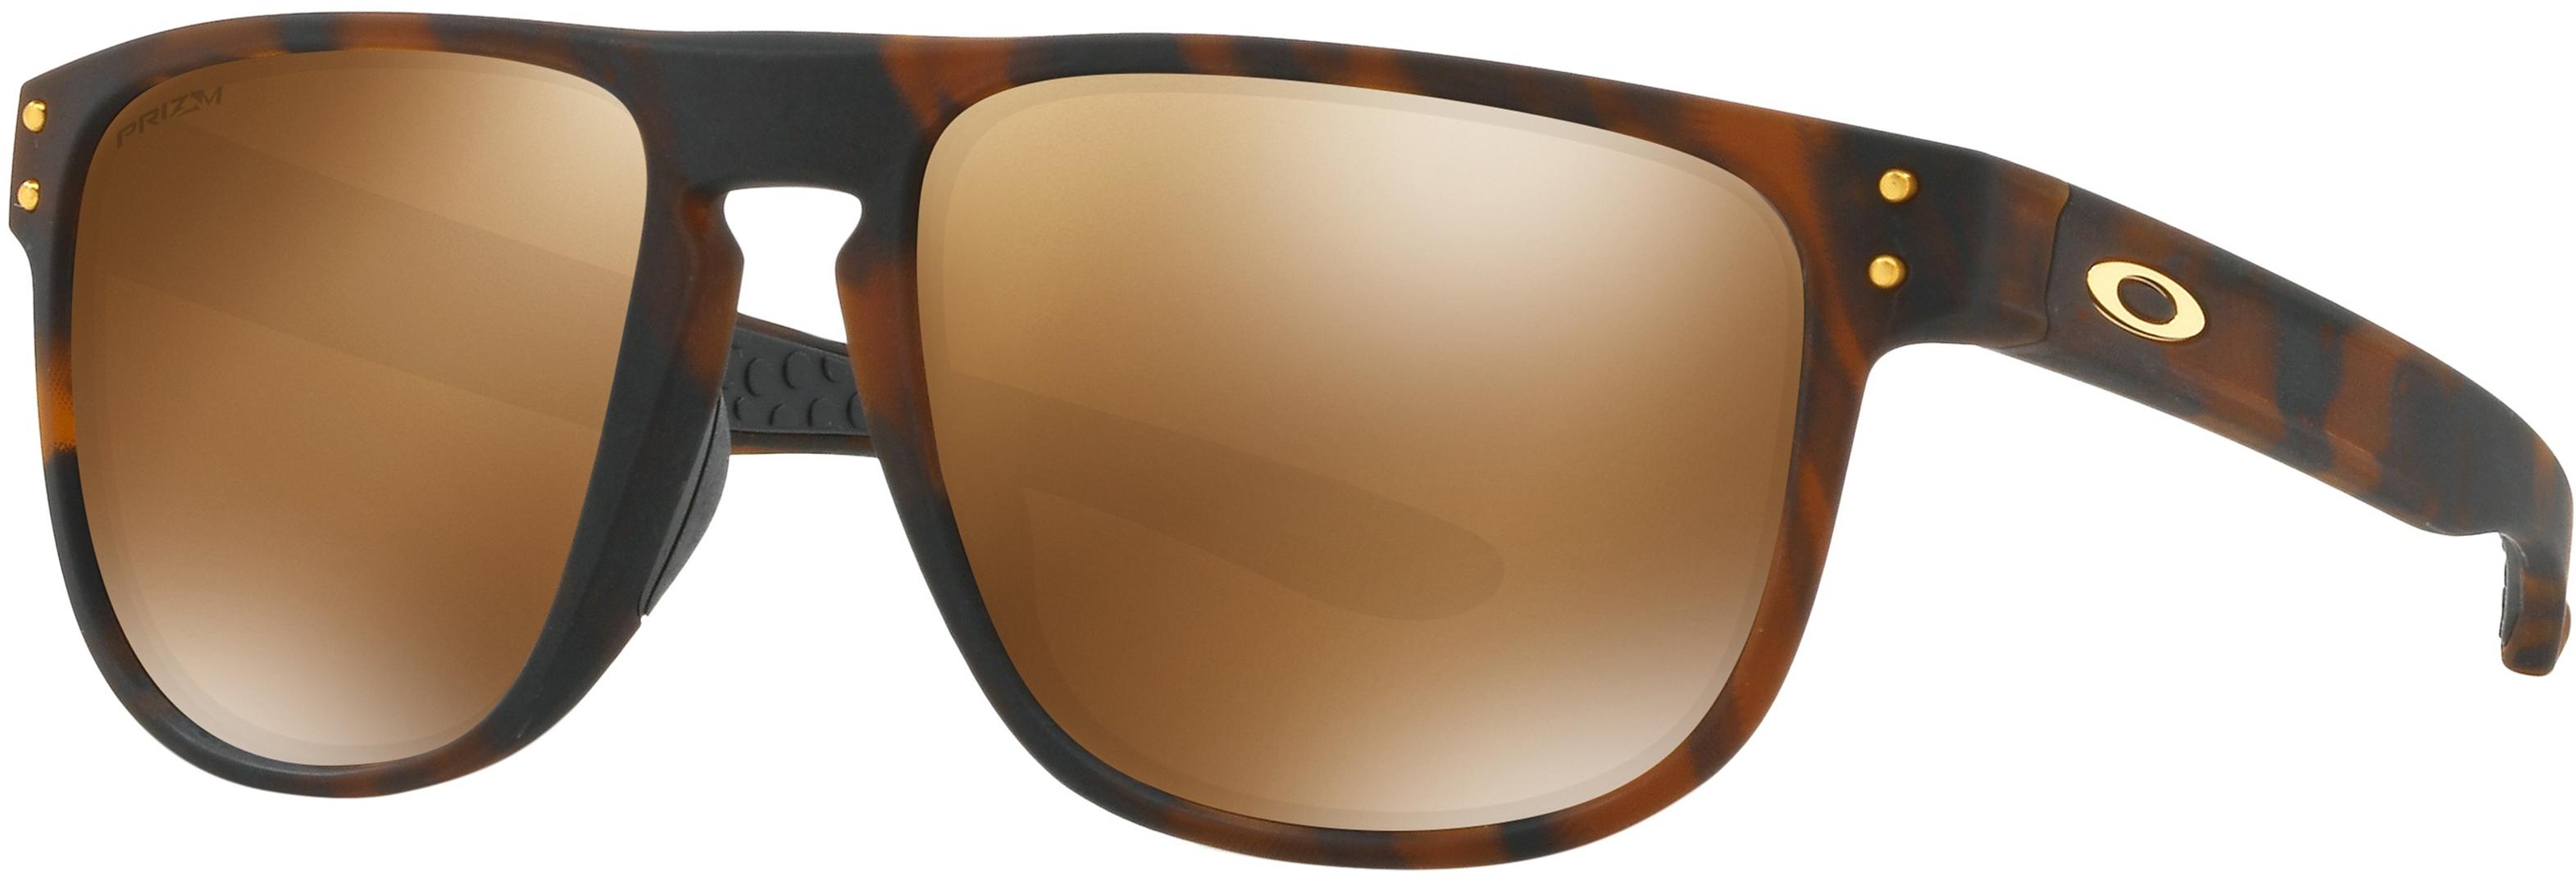 HOLBROOK R Sonnenbrille matte dark tortoise brown/prizm tungsten ...